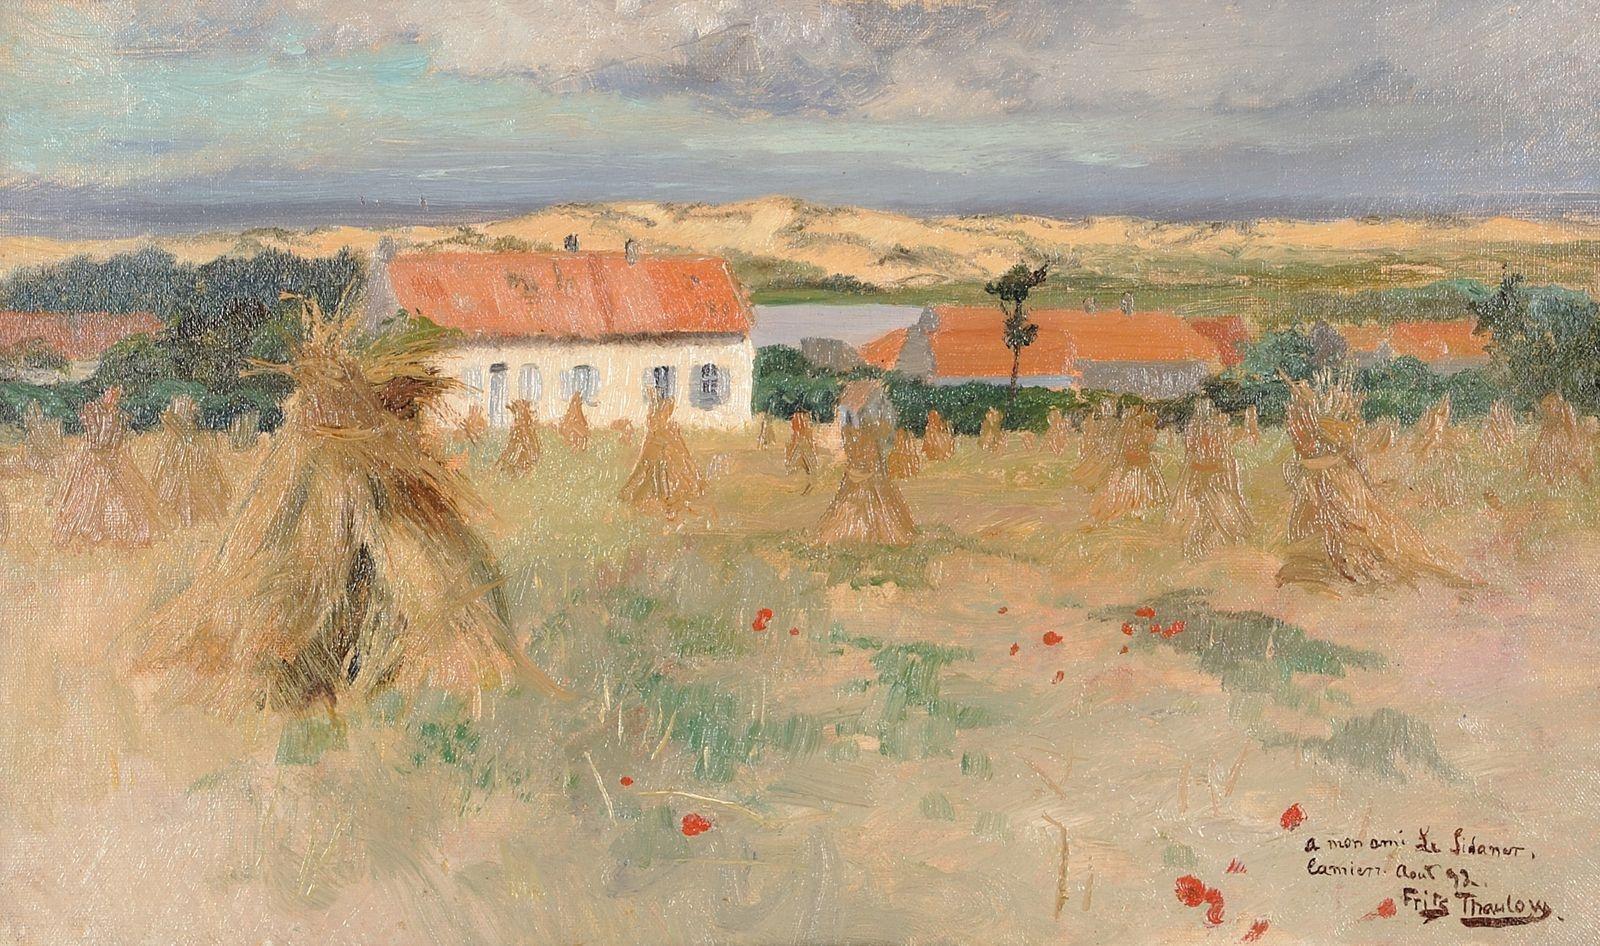 Fritz Thaulow, Camiers, 1892, 1892 © Musée du Touquet-Paris-Plage / Bruno Jagerschmidt